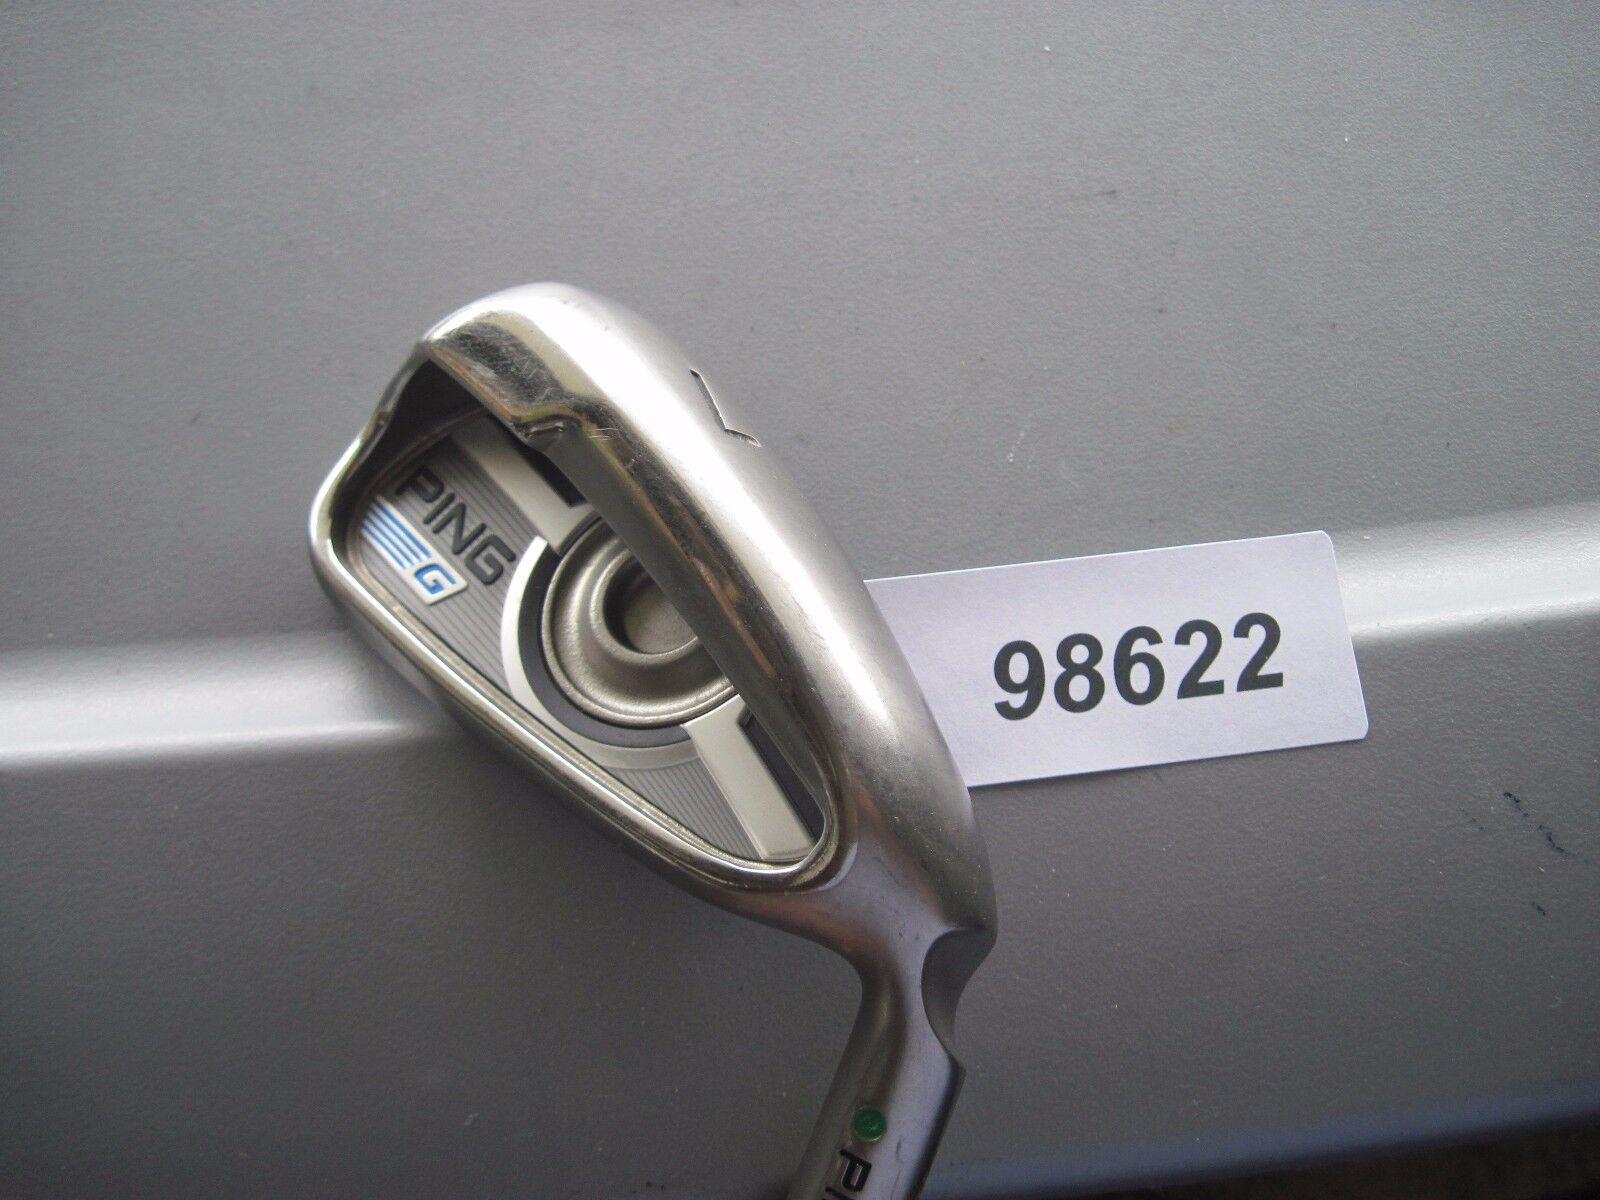 Ping G Serie   7 Iron DG rígido de  la flexión de acero de verde Dot en muy buena condición   98622  ¡No dudes! ¡Compra ahora!